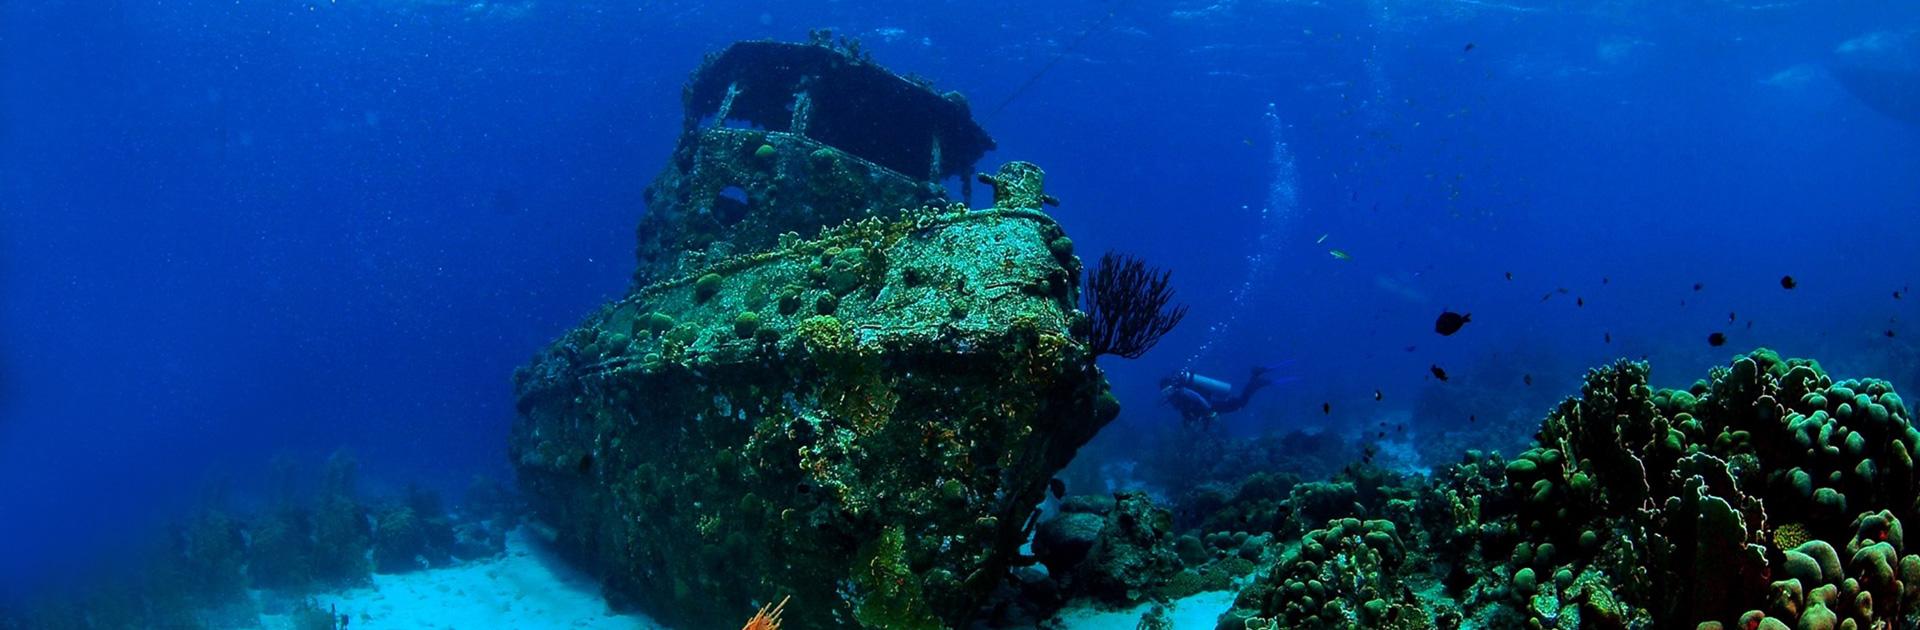 ID Bajo el Oceano Indico 1